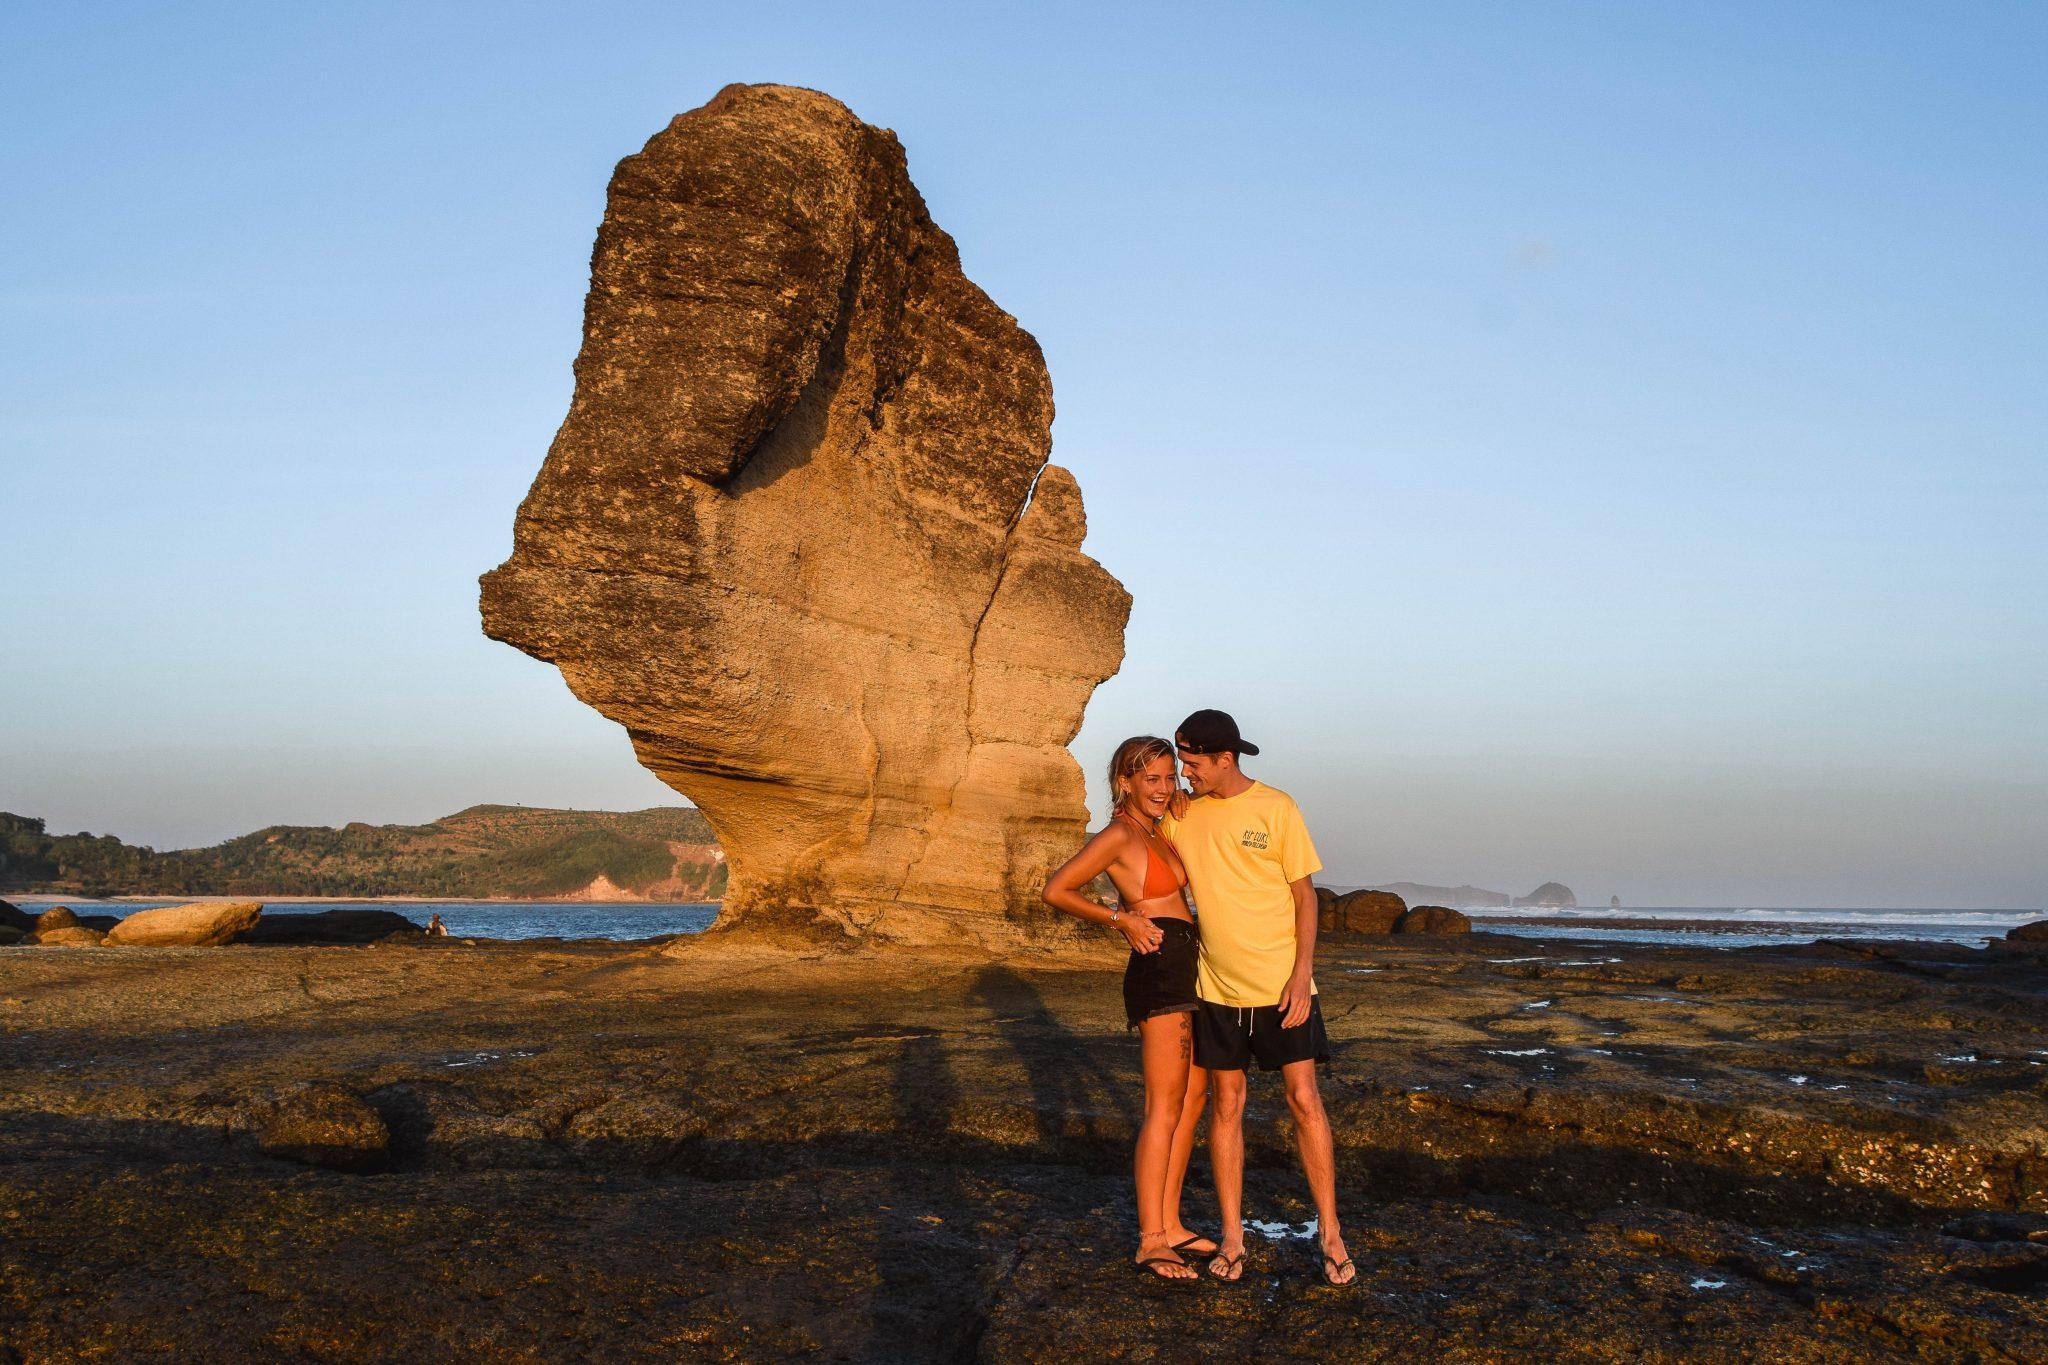 Wanderers & Warriors - Charlie & Lauren UK Travel Couple - Batu Payung Lombok Things To Do In Kuta Lombok